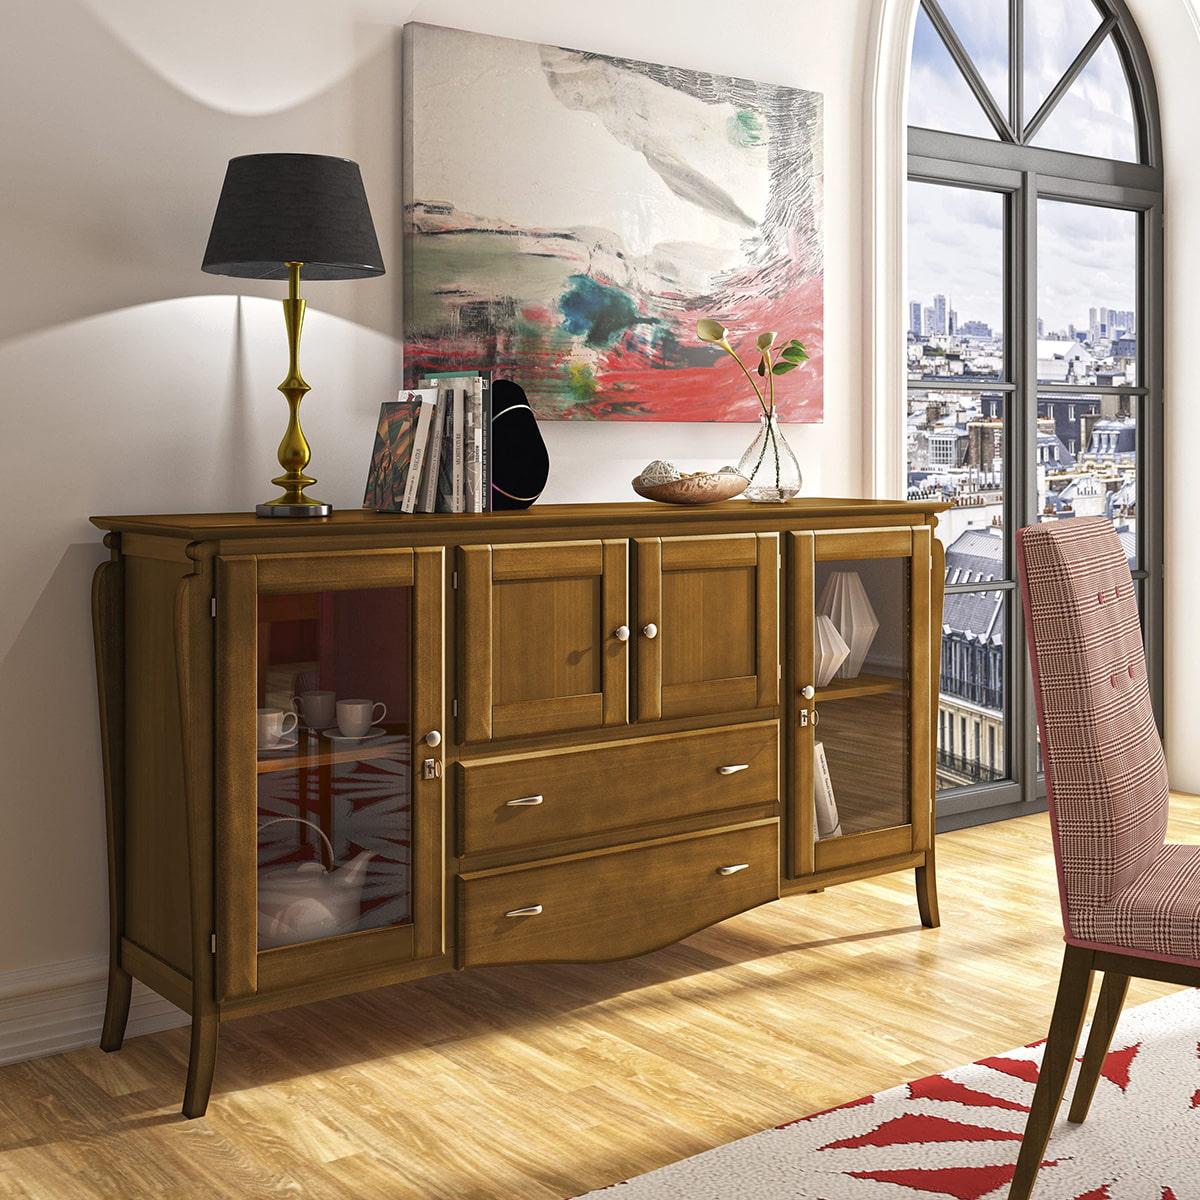 aparador-contemporaneo-muebles-paco-caballero-1337-5c98af95a9266